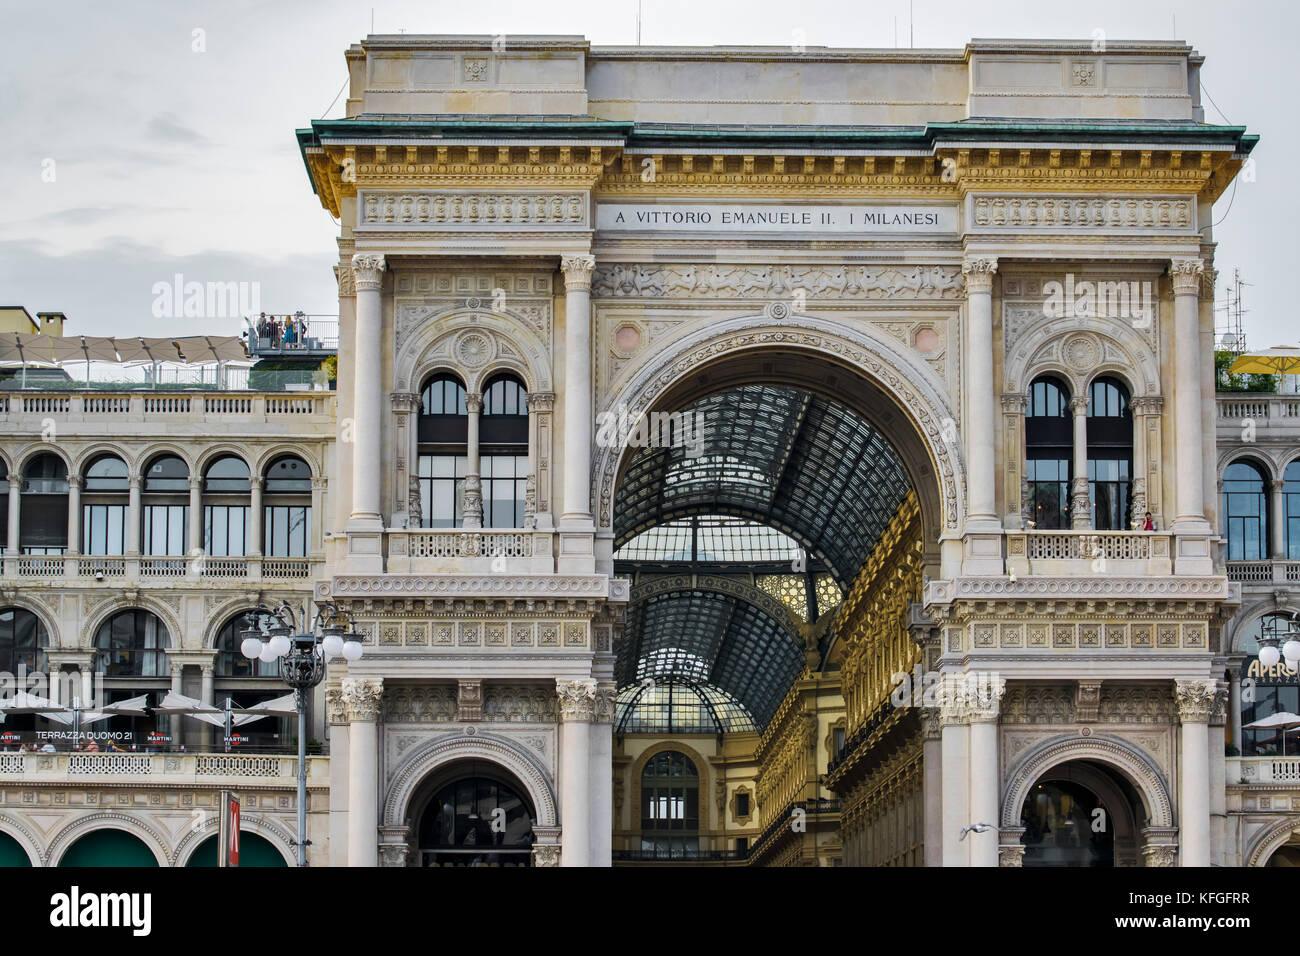 La Famosa Galleria Vicino Alla Cattedrale Di Milano Immagini